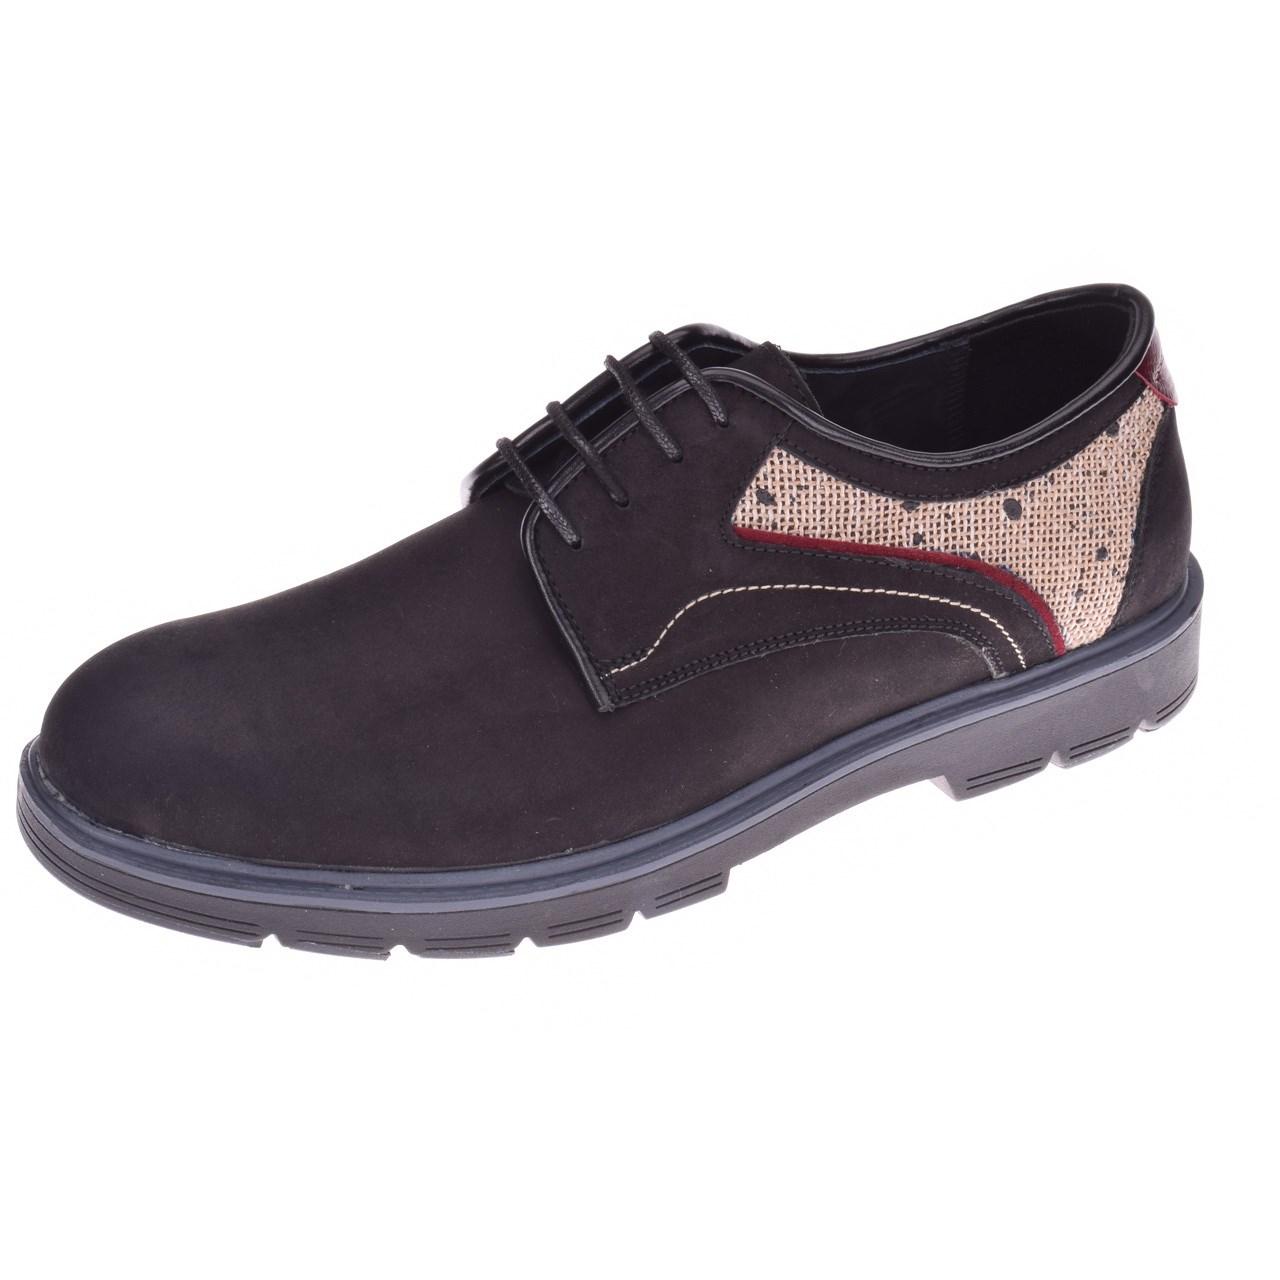 کفش مردانه پانیسا مدل Lace 144B